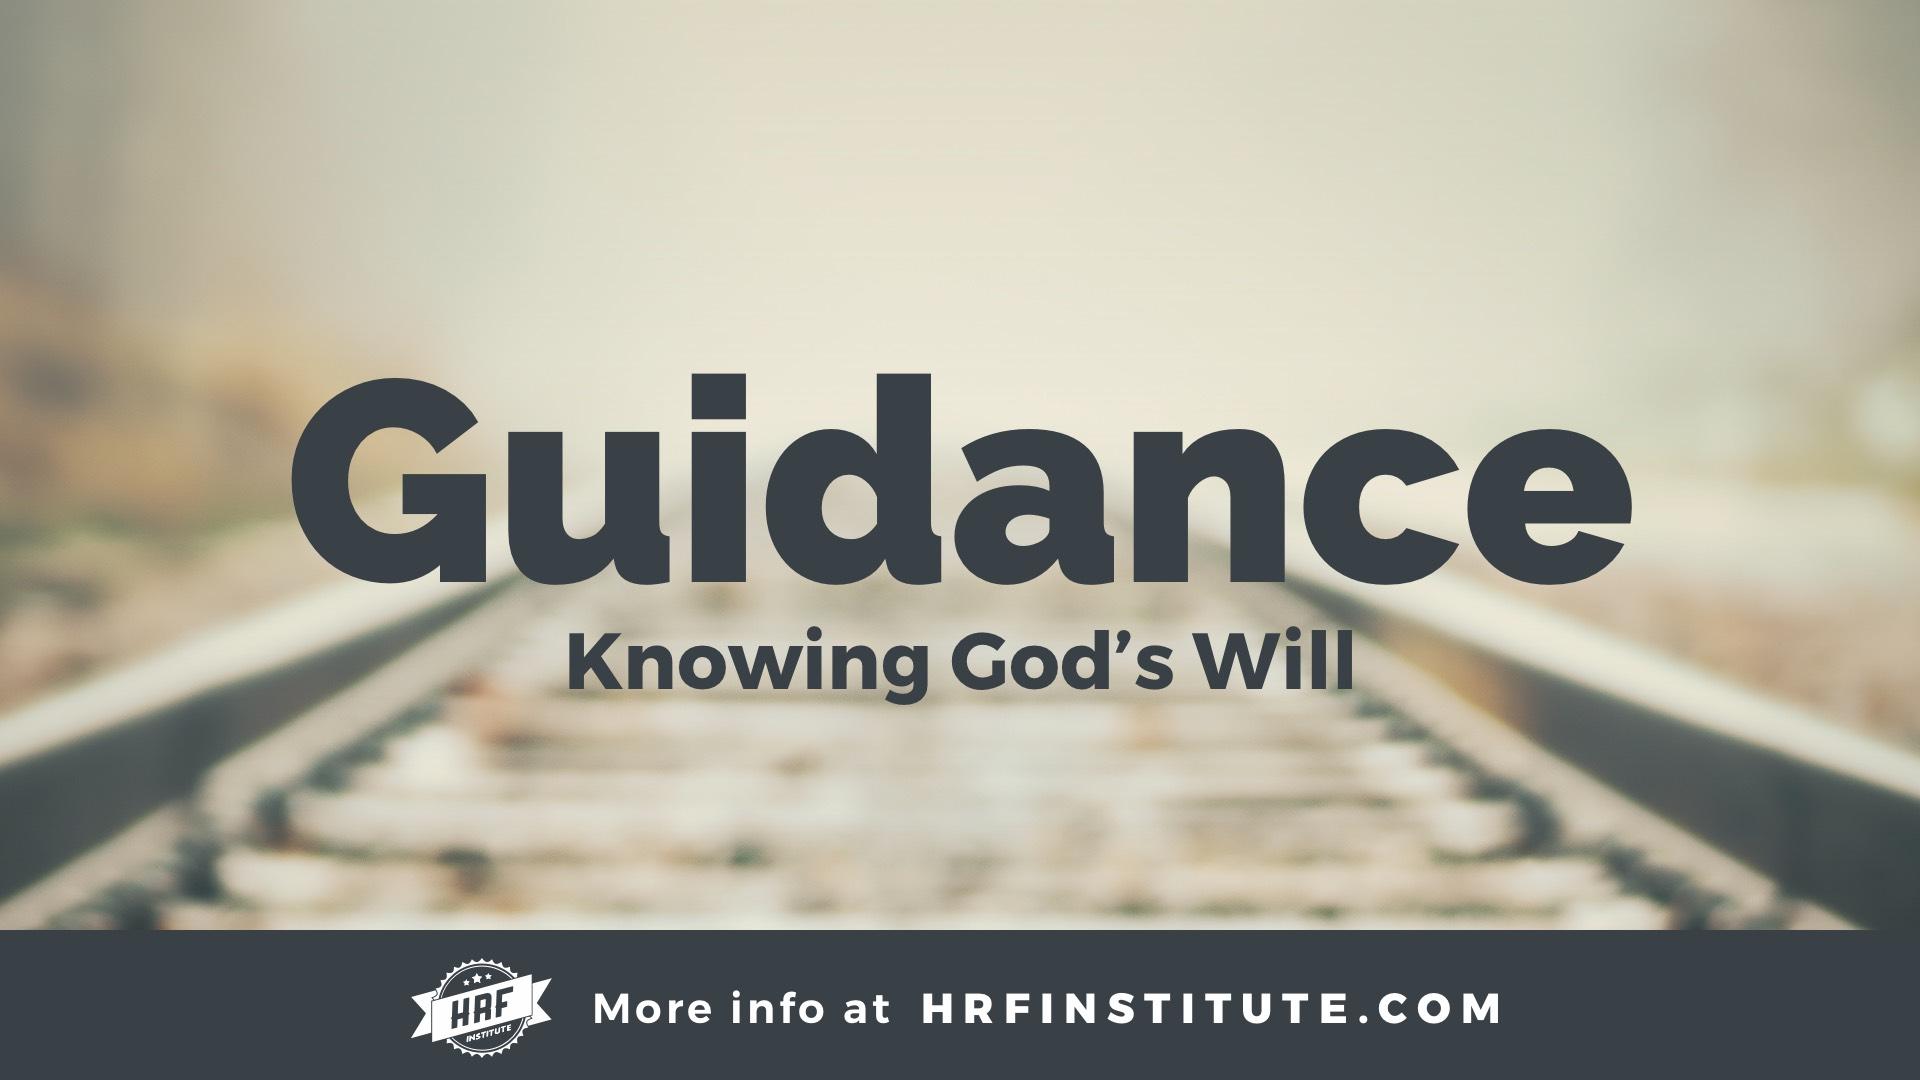 hrf-institute-guidance-v1-1-1920x1080.jpg